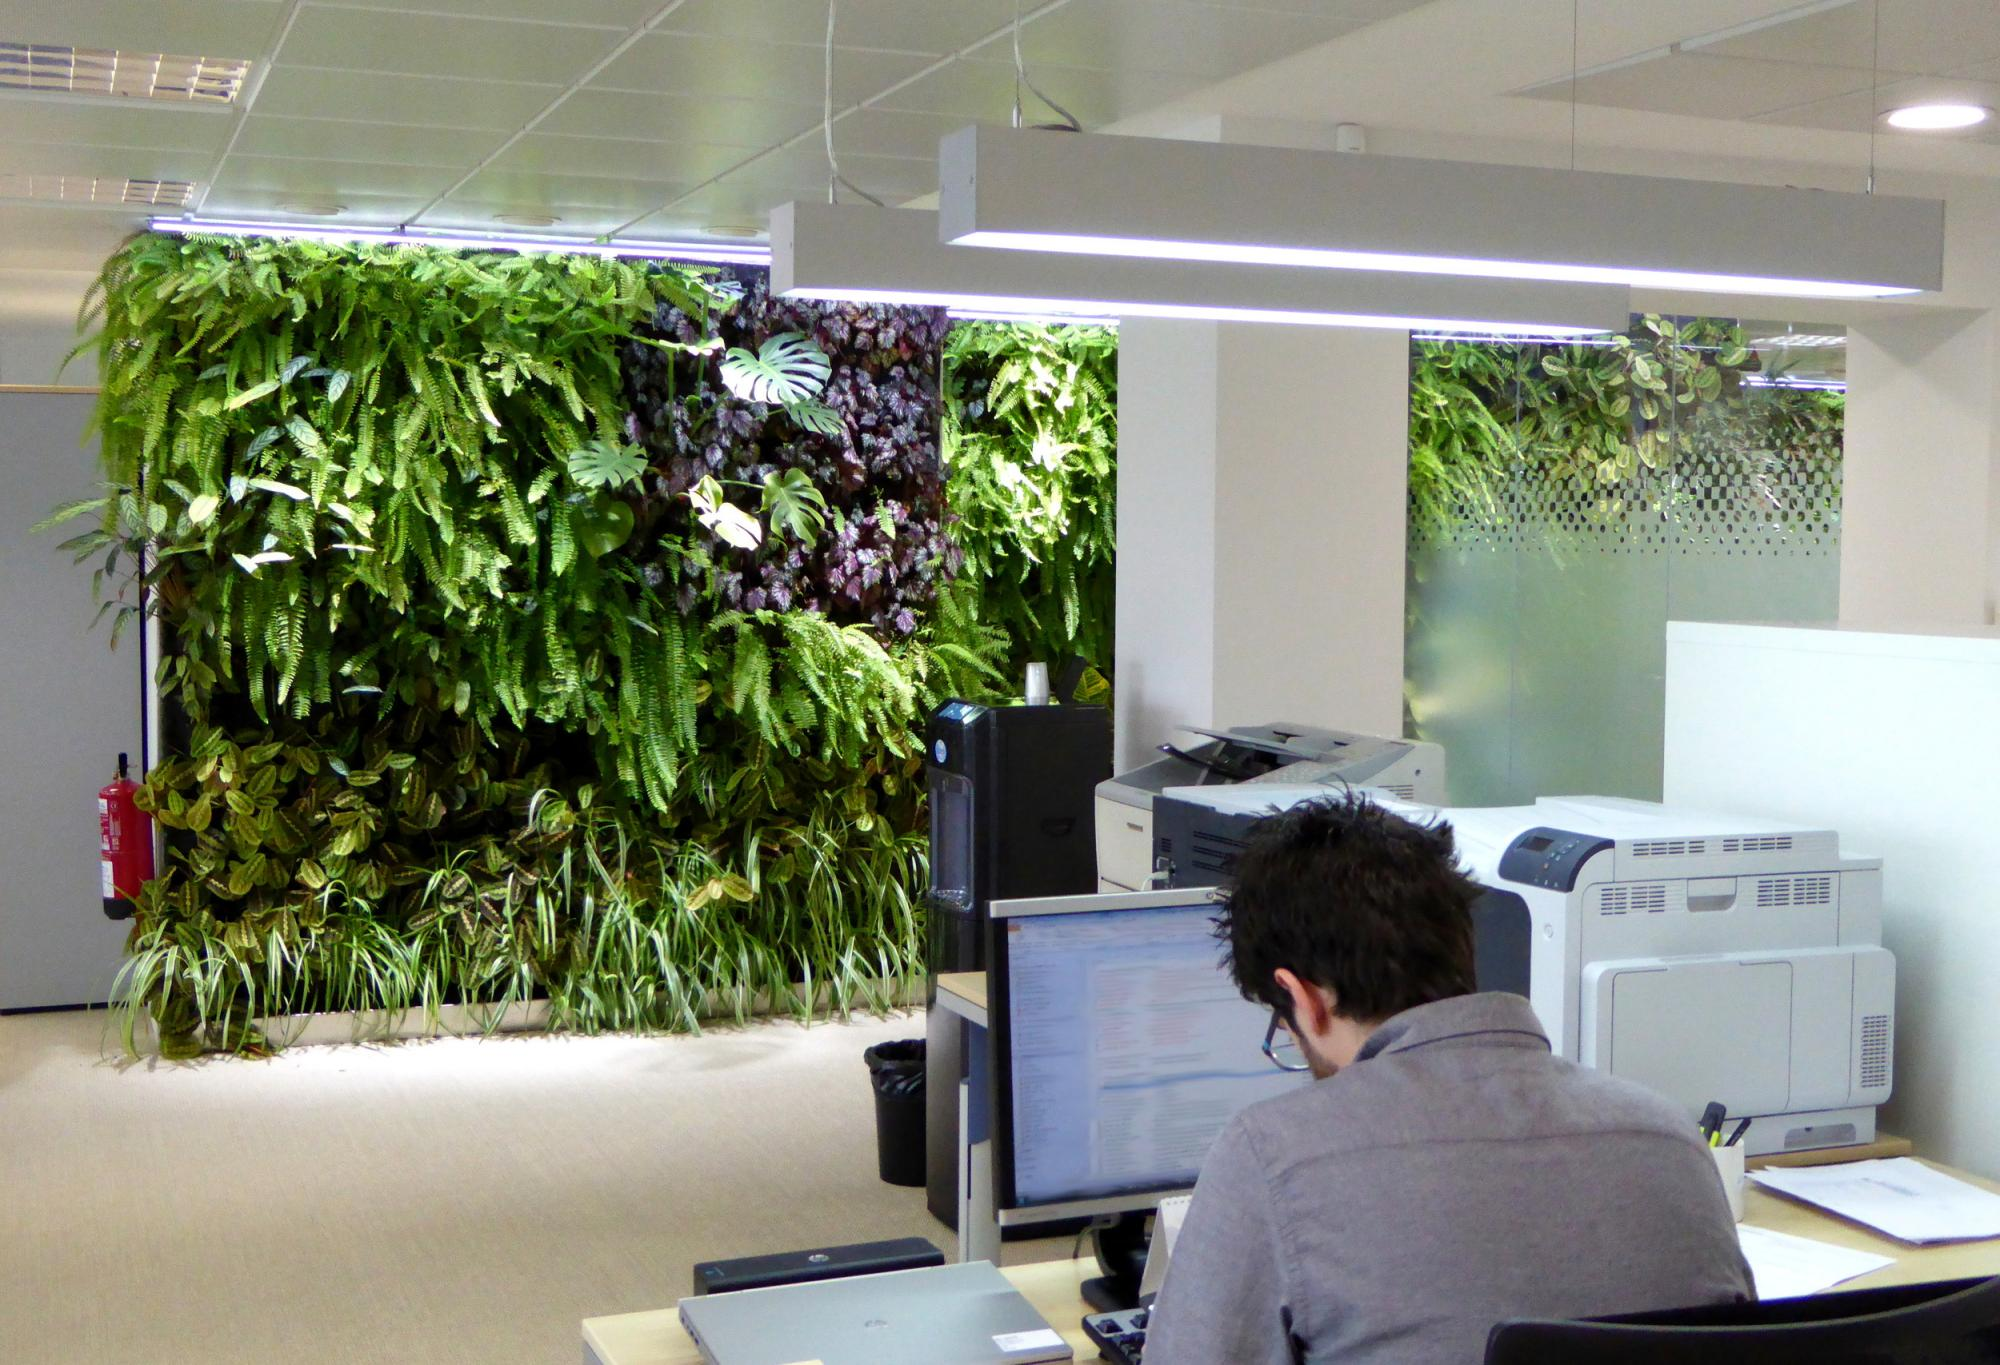 Jardines verticales en madrid 1 a o despu s singulargreen for Jardines exteriores para oficinas